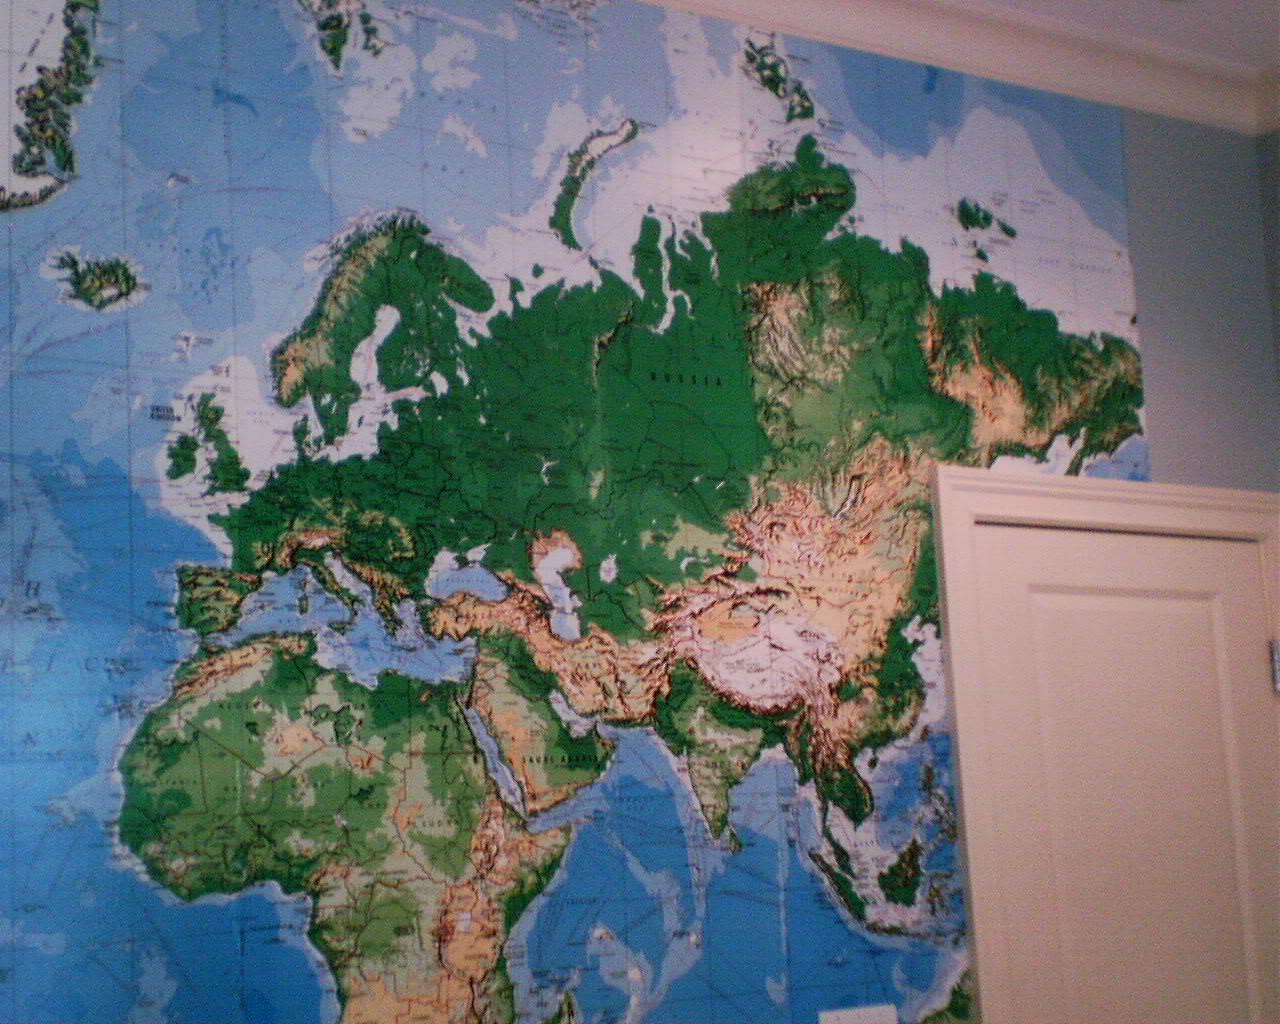 World map mural keeping australia on the planet for Australian mural